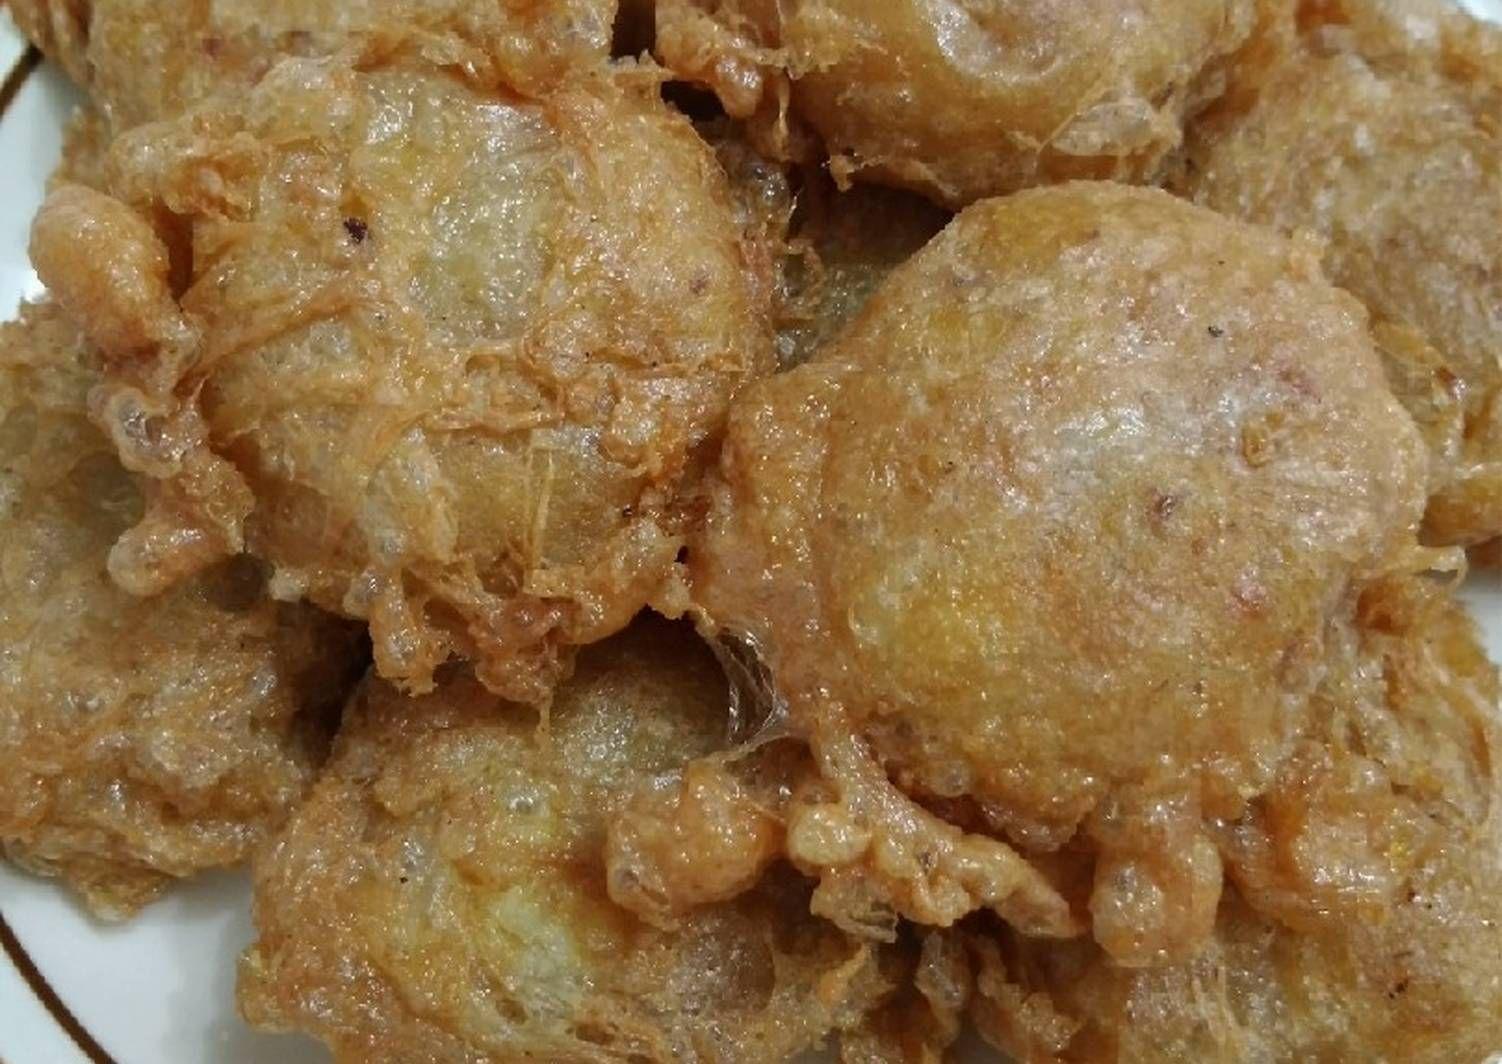 Resep Perkedel Kentang Oleh Maplesong Resep Memasak Resep Makanan Ide Makanan